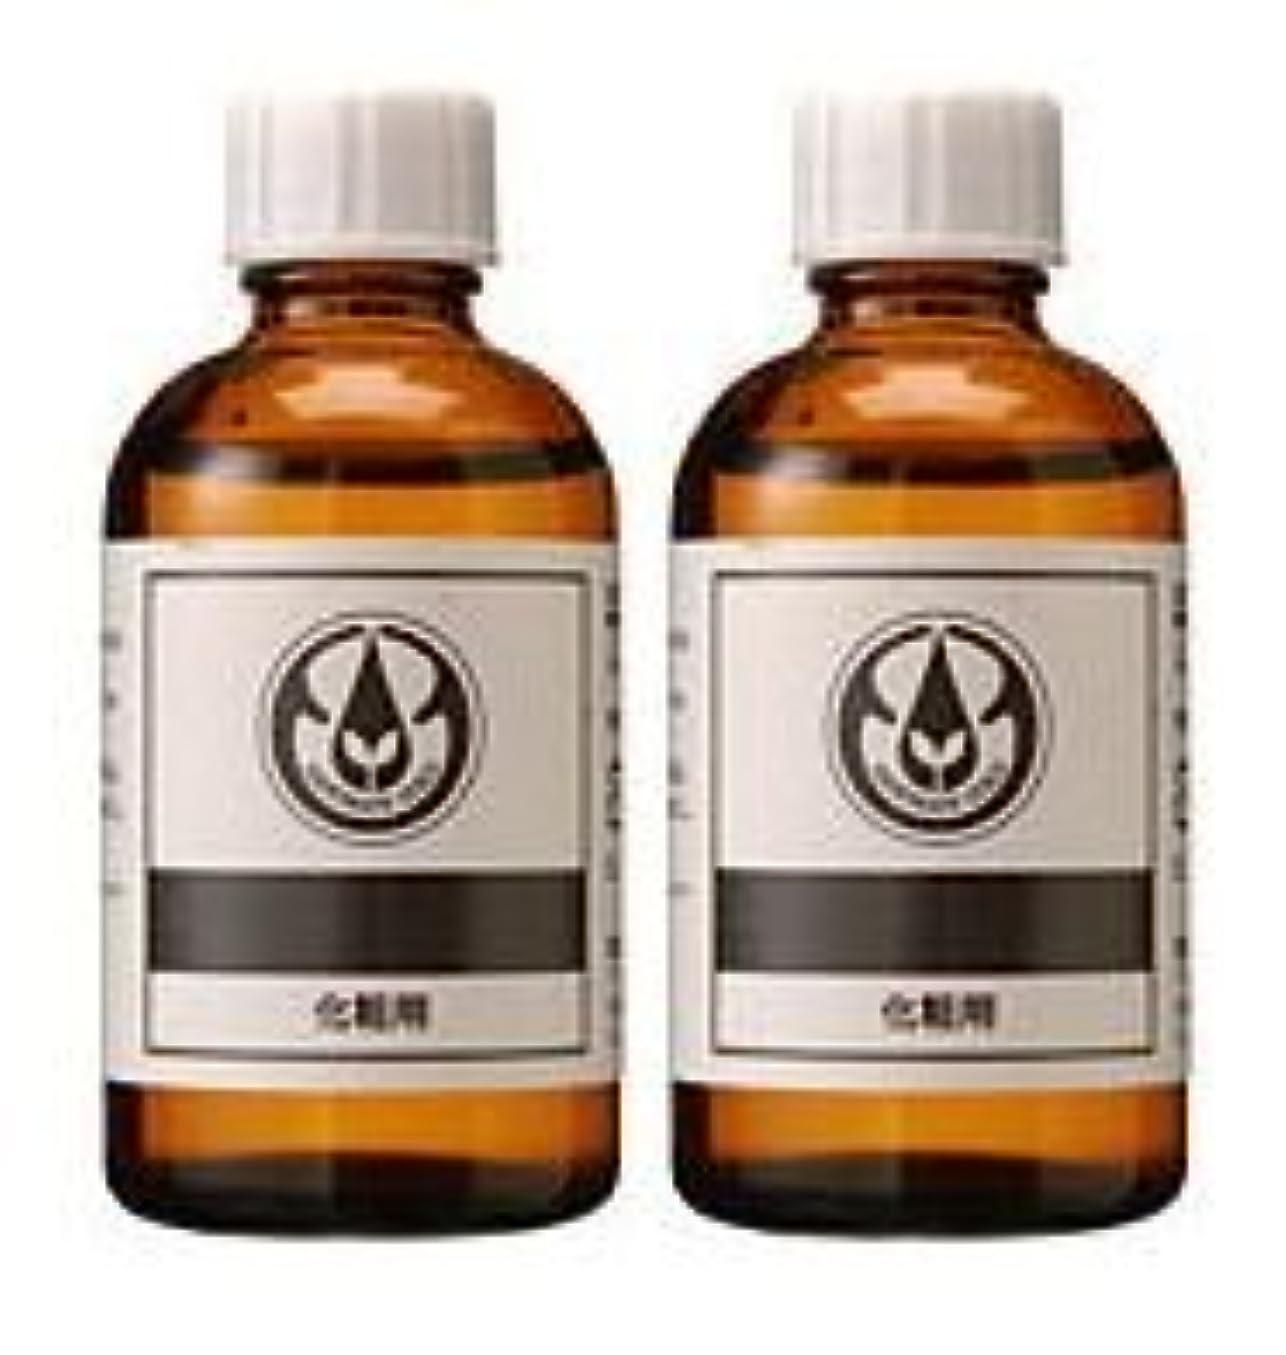 カスターオイル(ひまし油) 70mL 生活の木 (2瓶)